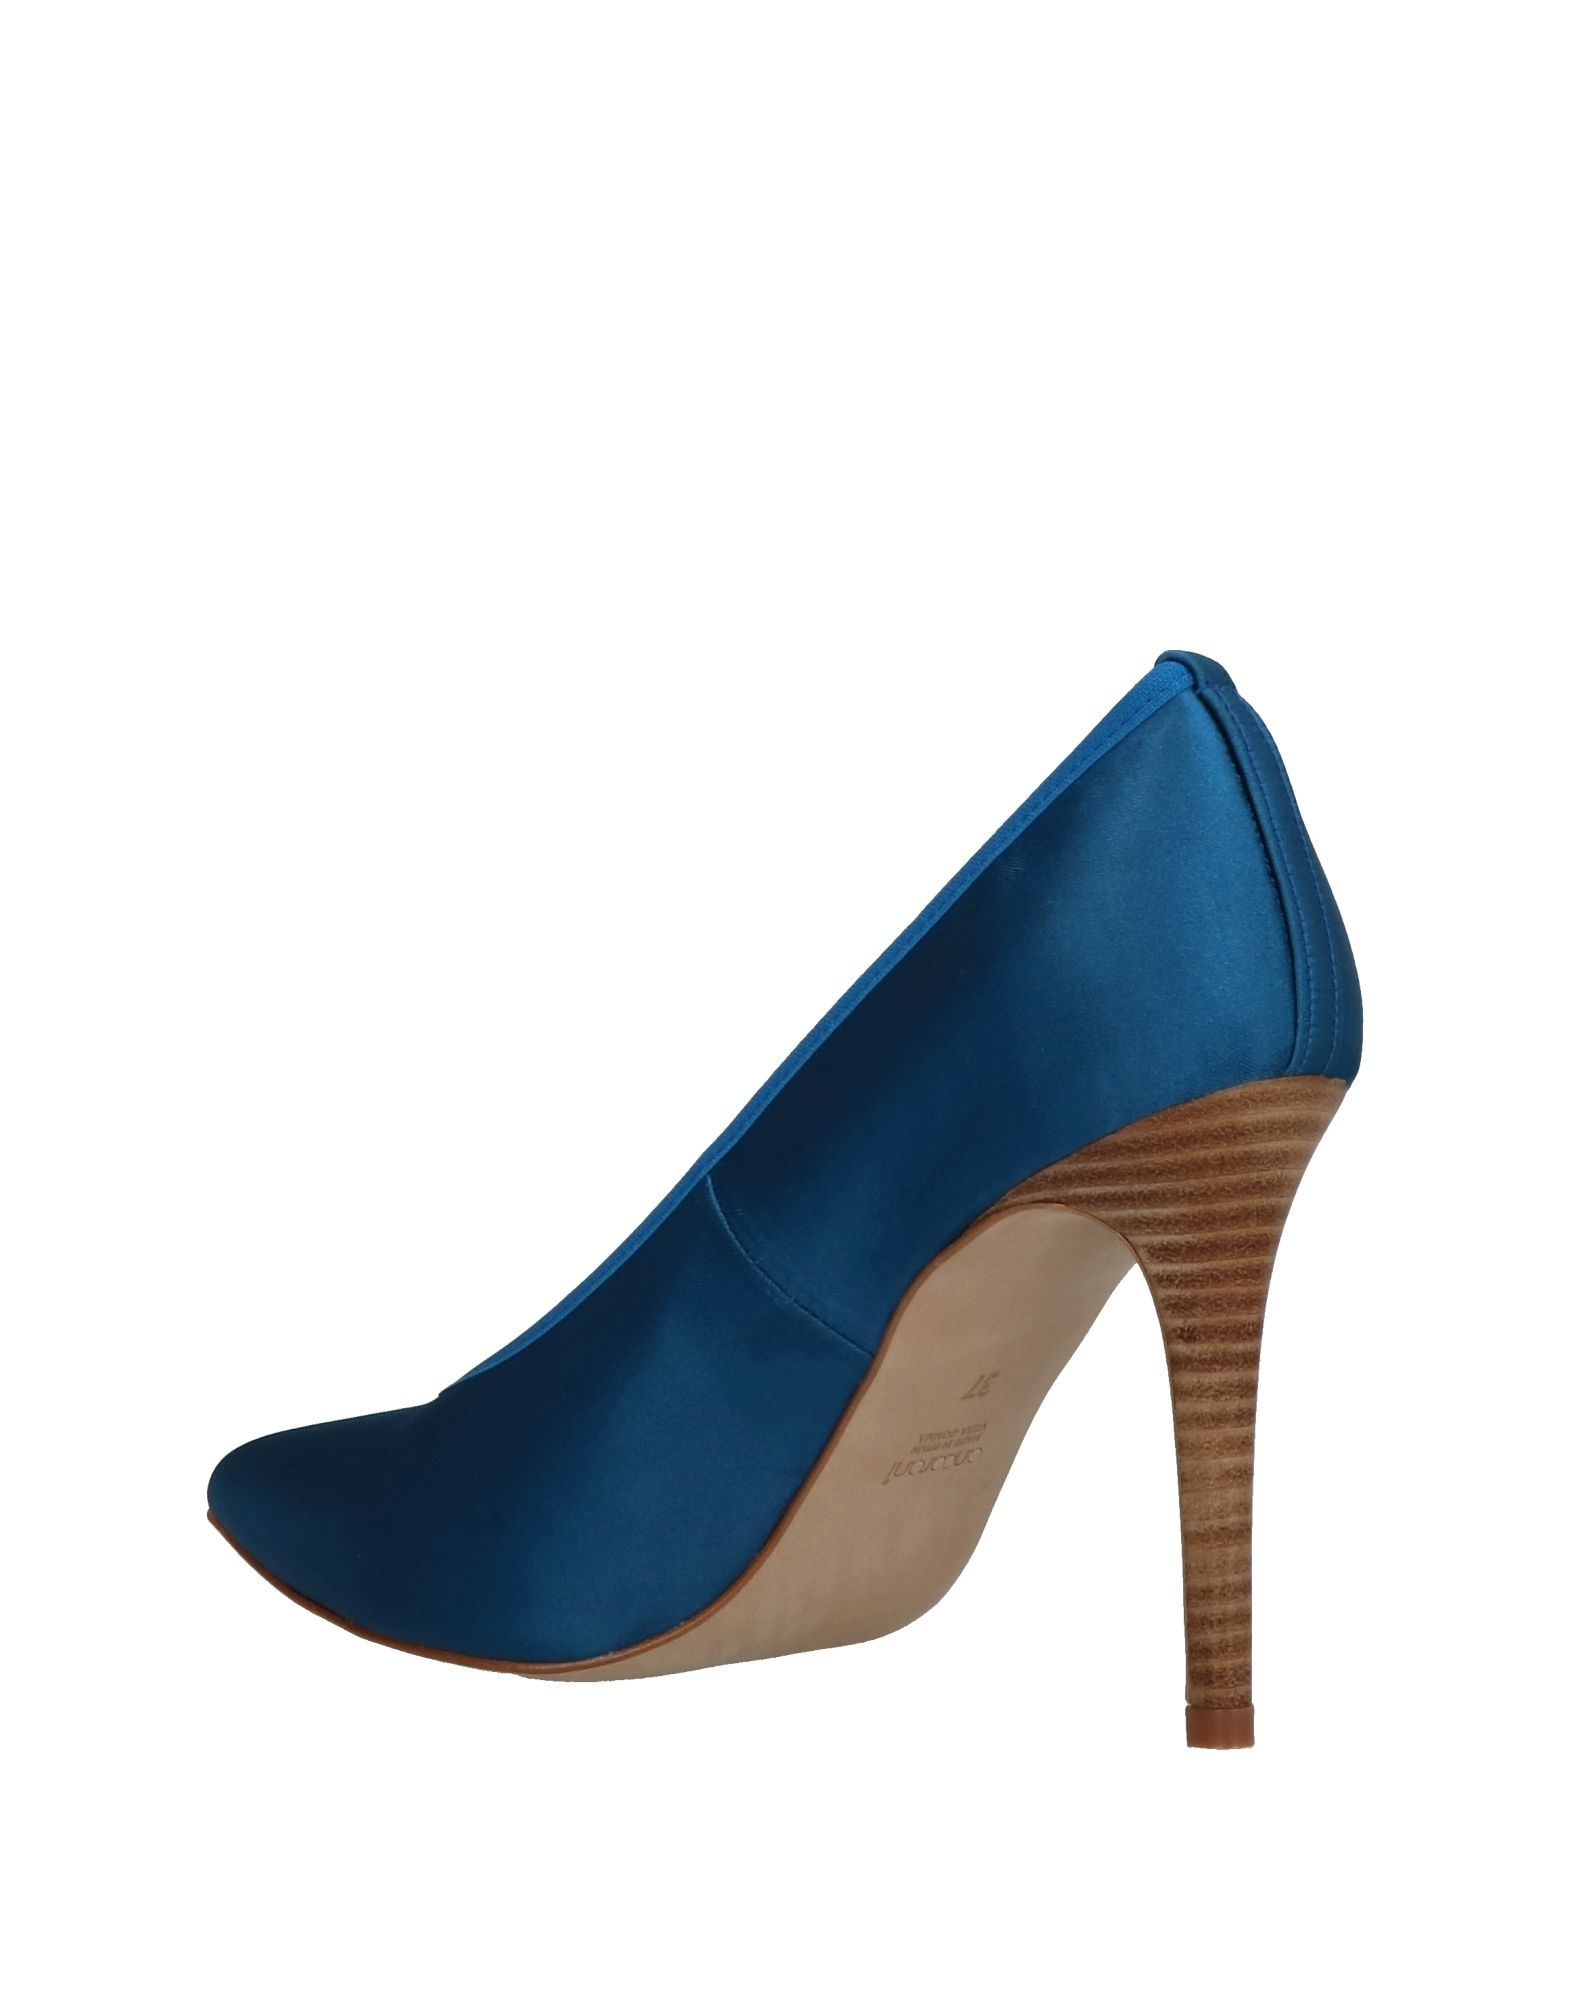 11331715UU Ancarani Pumps Damen  11331715UU  Heiße Schuhe c5d10e